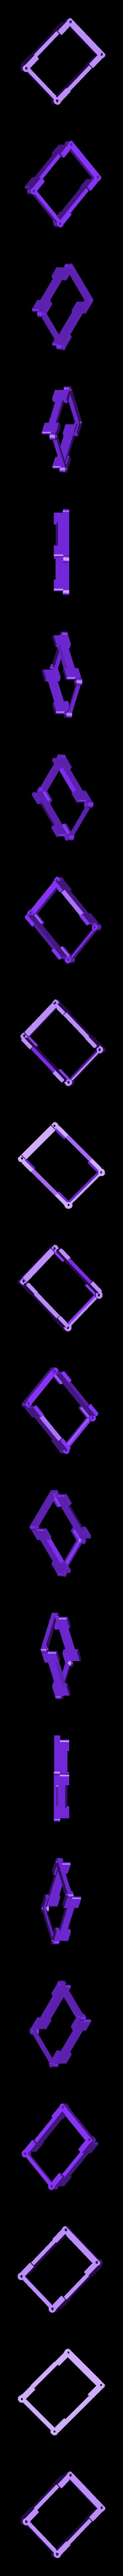 Frame_110_acro_spracing_multi_lipo.stl Descargar archivo STL gratis DC110 ABS ACRO para el Control de SP F3 RACING Vuelo EVO Brush • Objeto para impresión 3D, Microdure